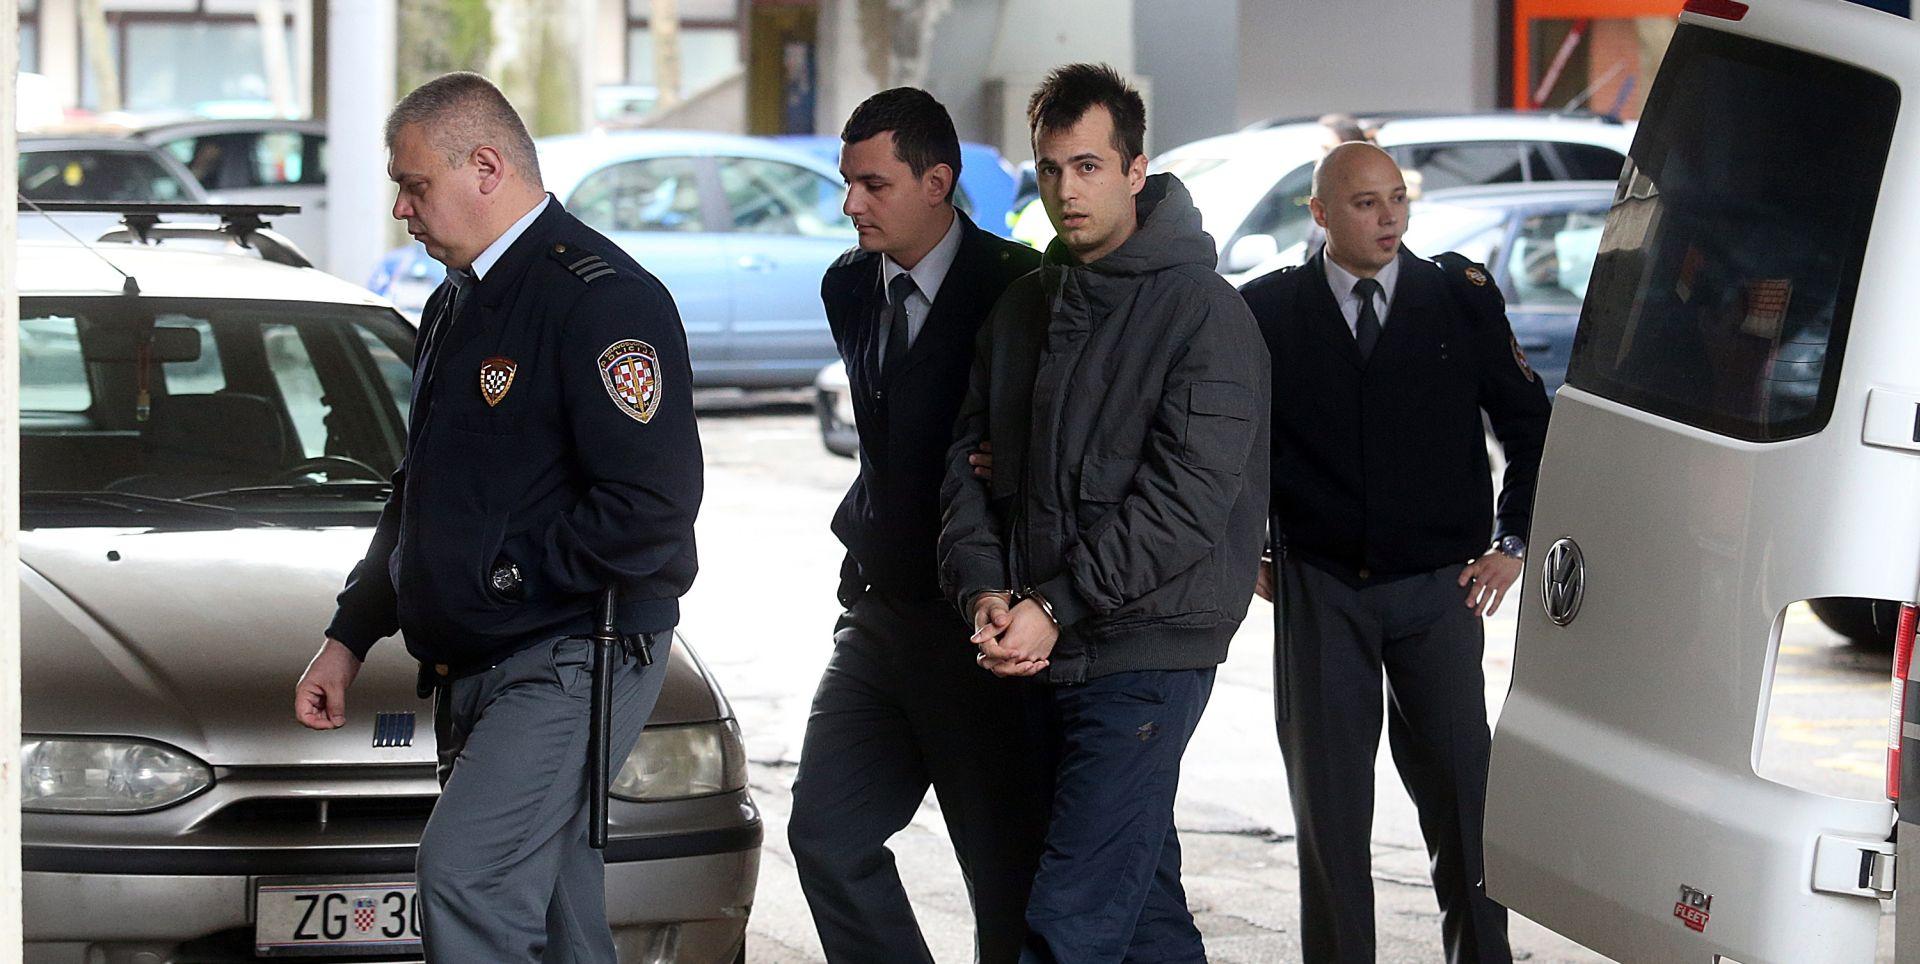 PREKRŠAJNI SUD 26-godišnjaku koji je u taksiju pretukao sestre 15 dana zatvora, već je na slobodi